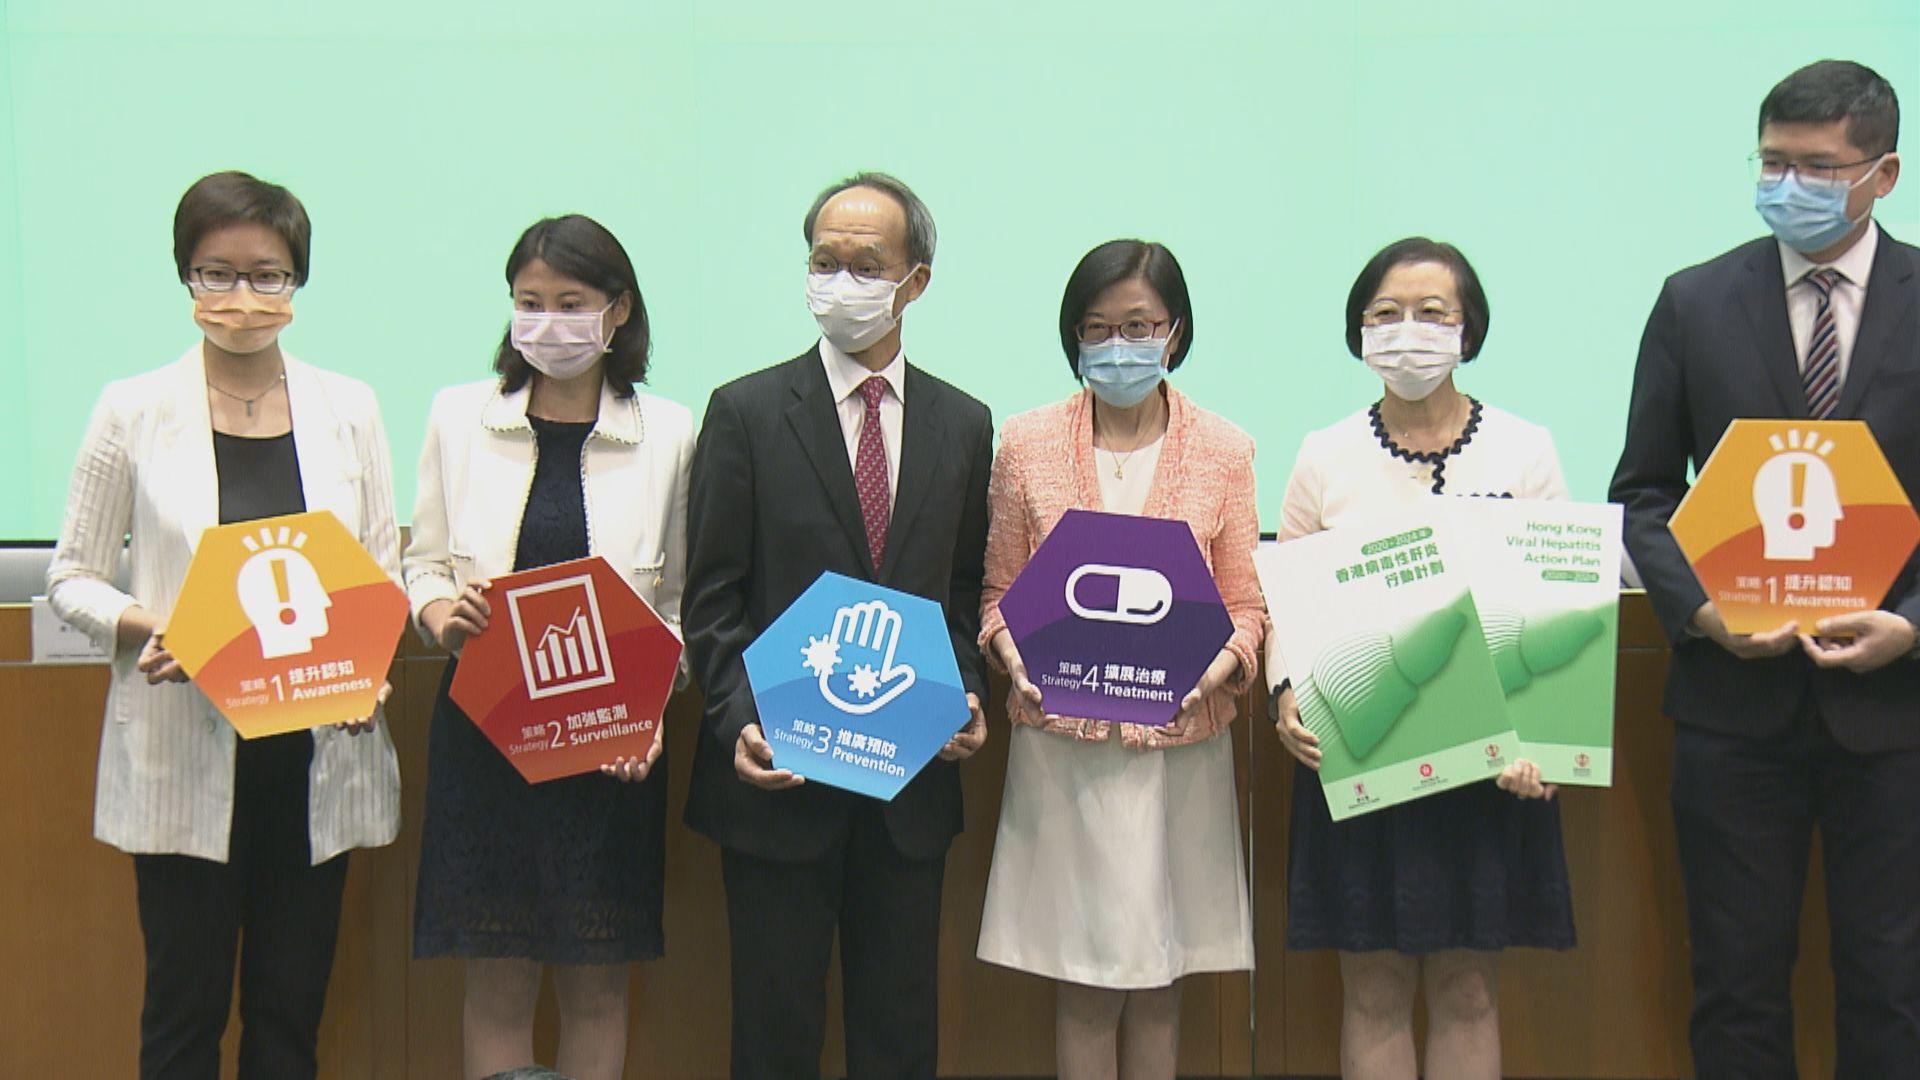 政府制訂策略 降乙型及丙型肝炎患病及死亡率